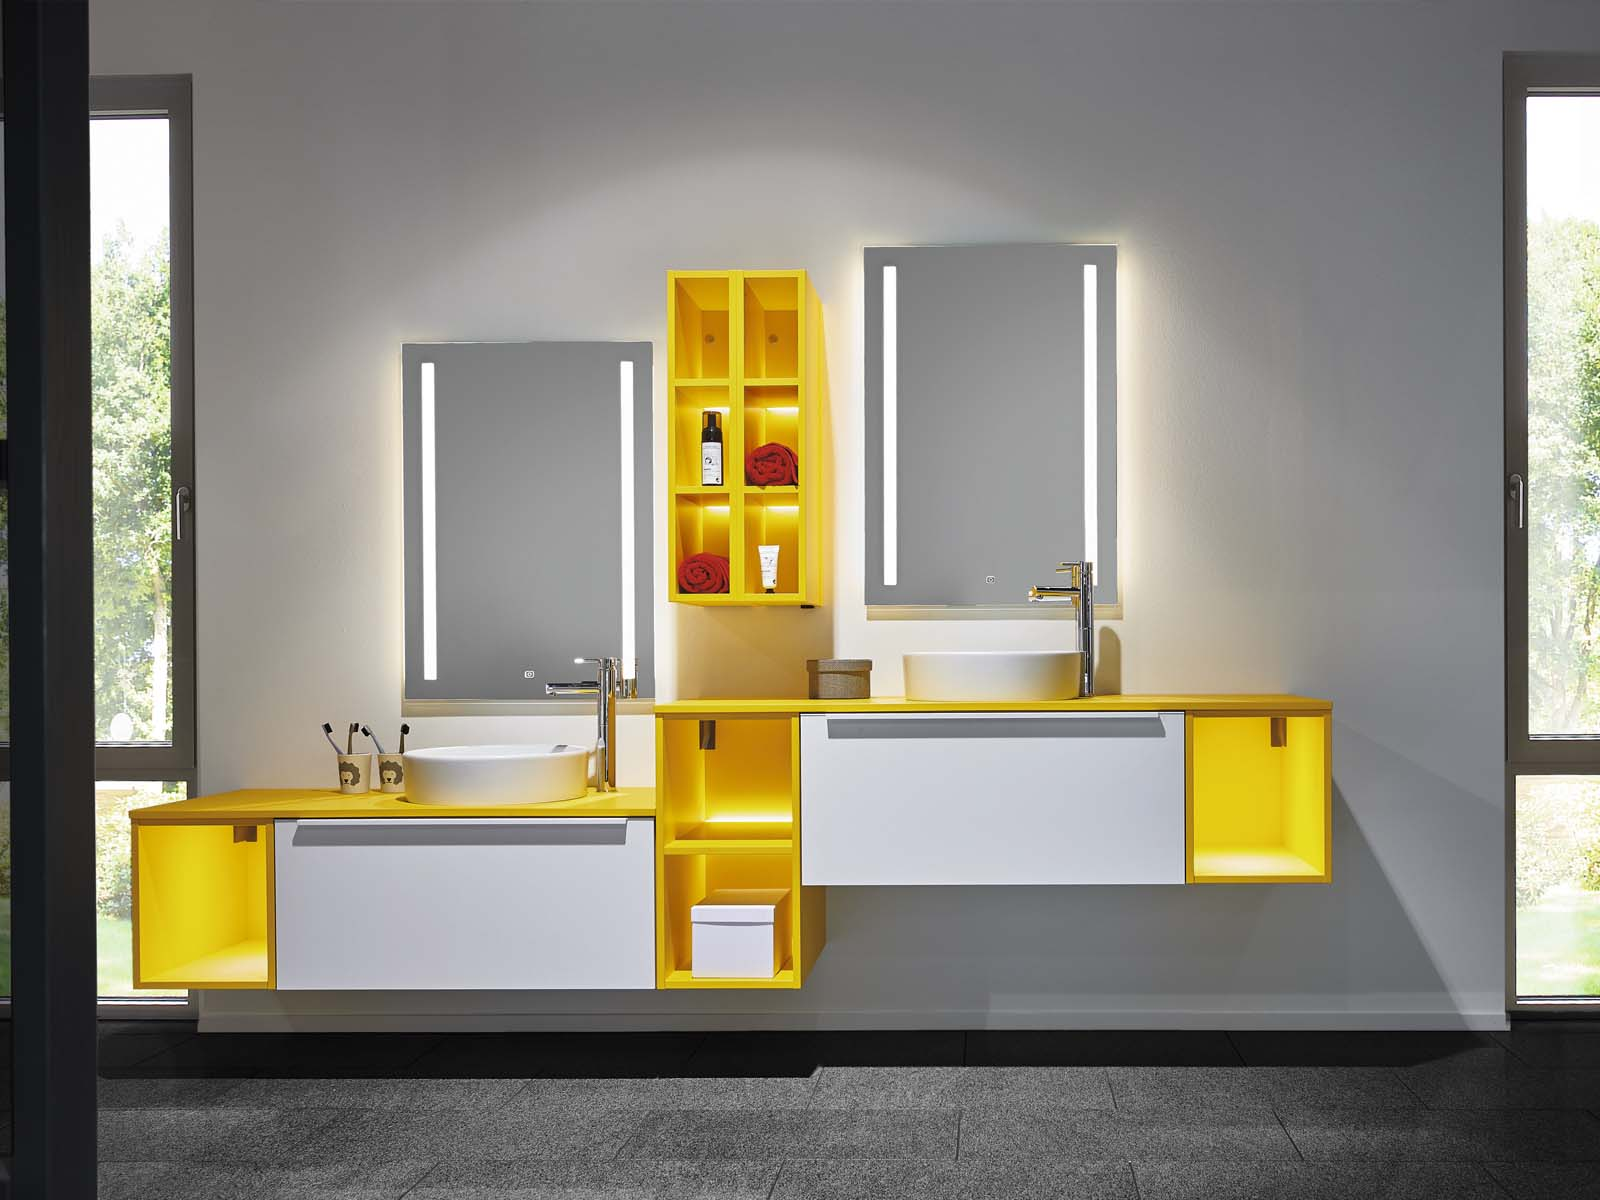 Küchentime Laser 427 - Bathroom